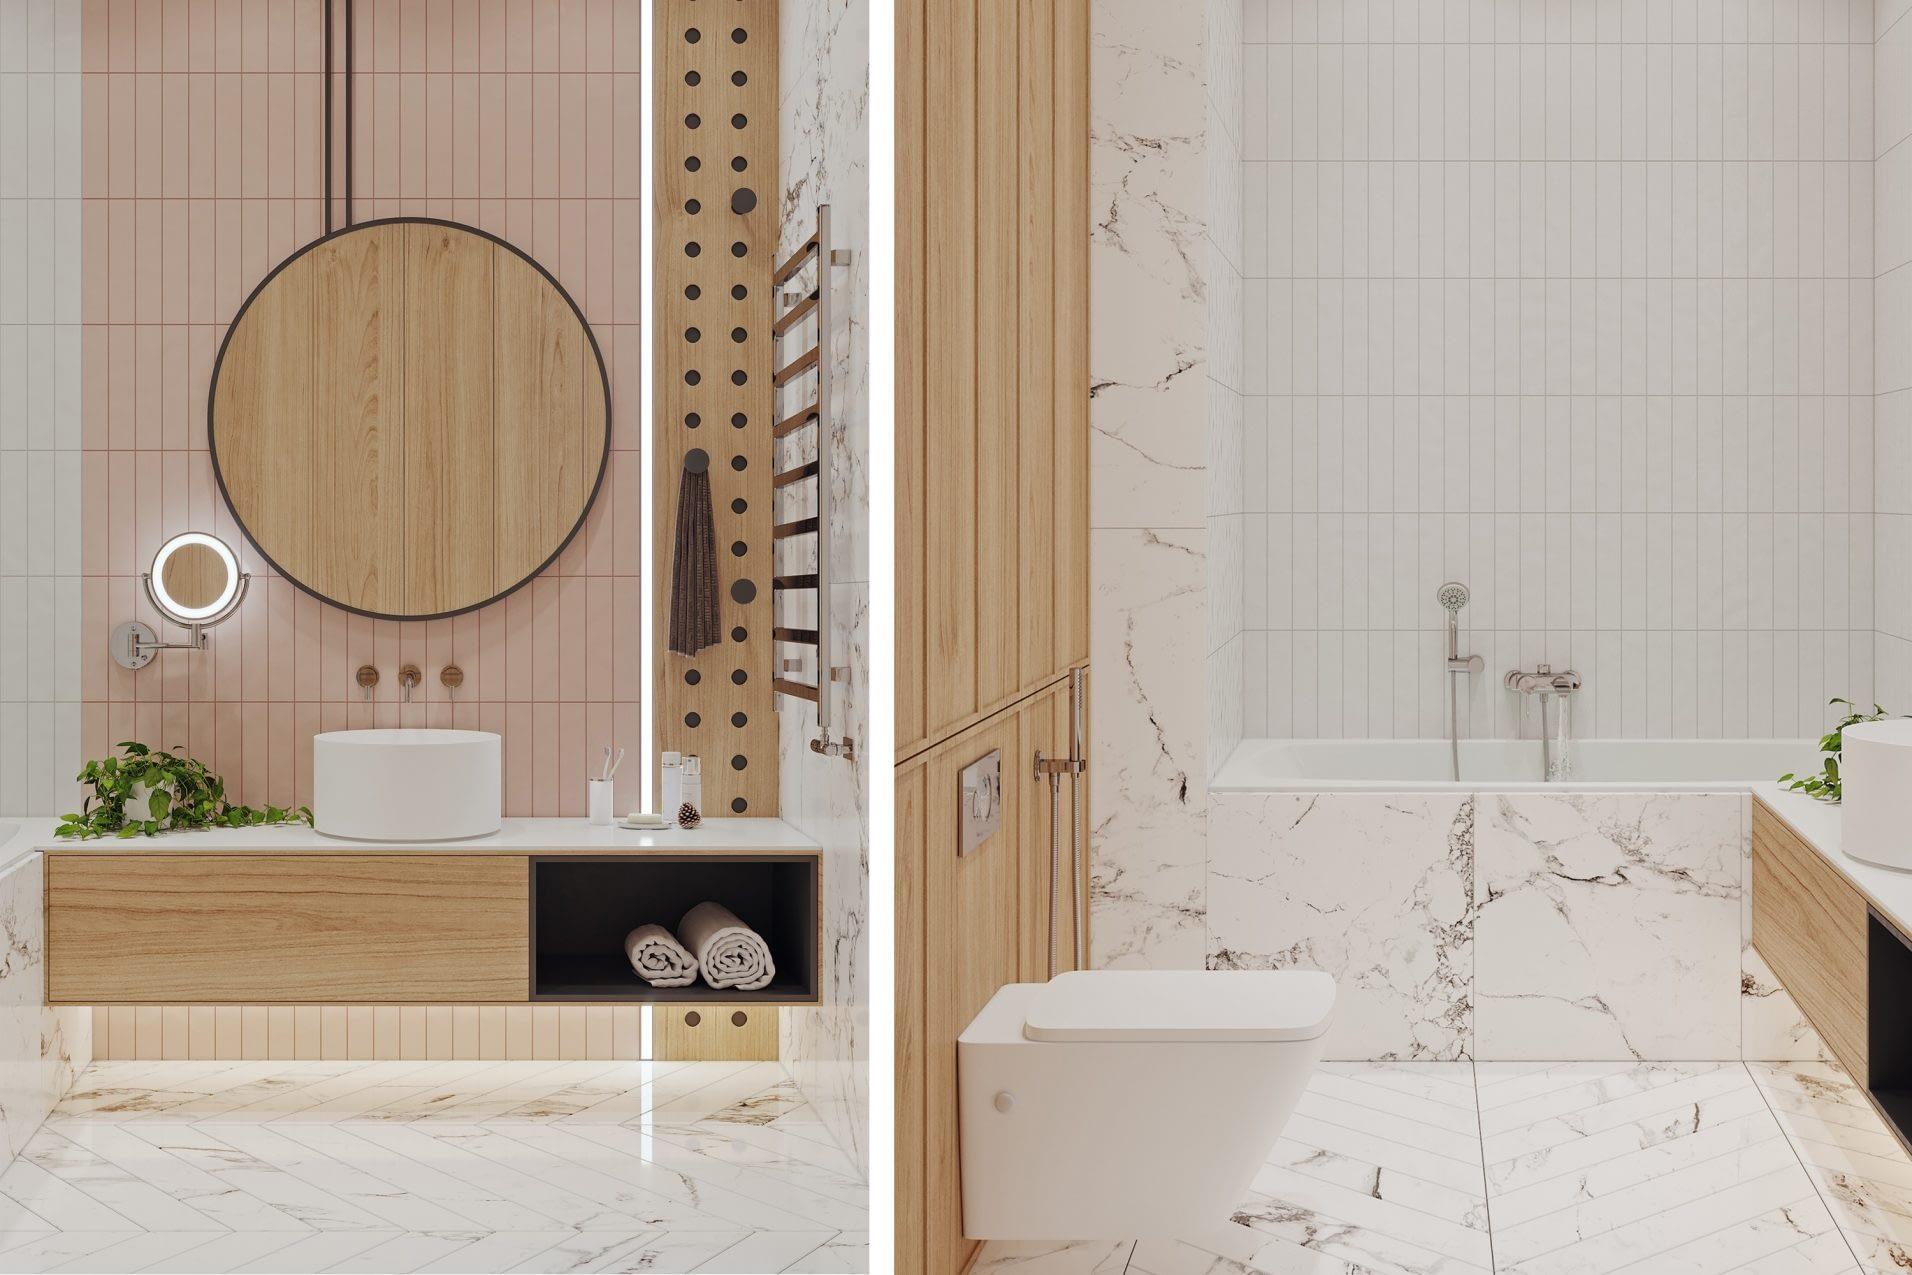 дизайн интерьера ванной в квартире в ЖК Риверстоун